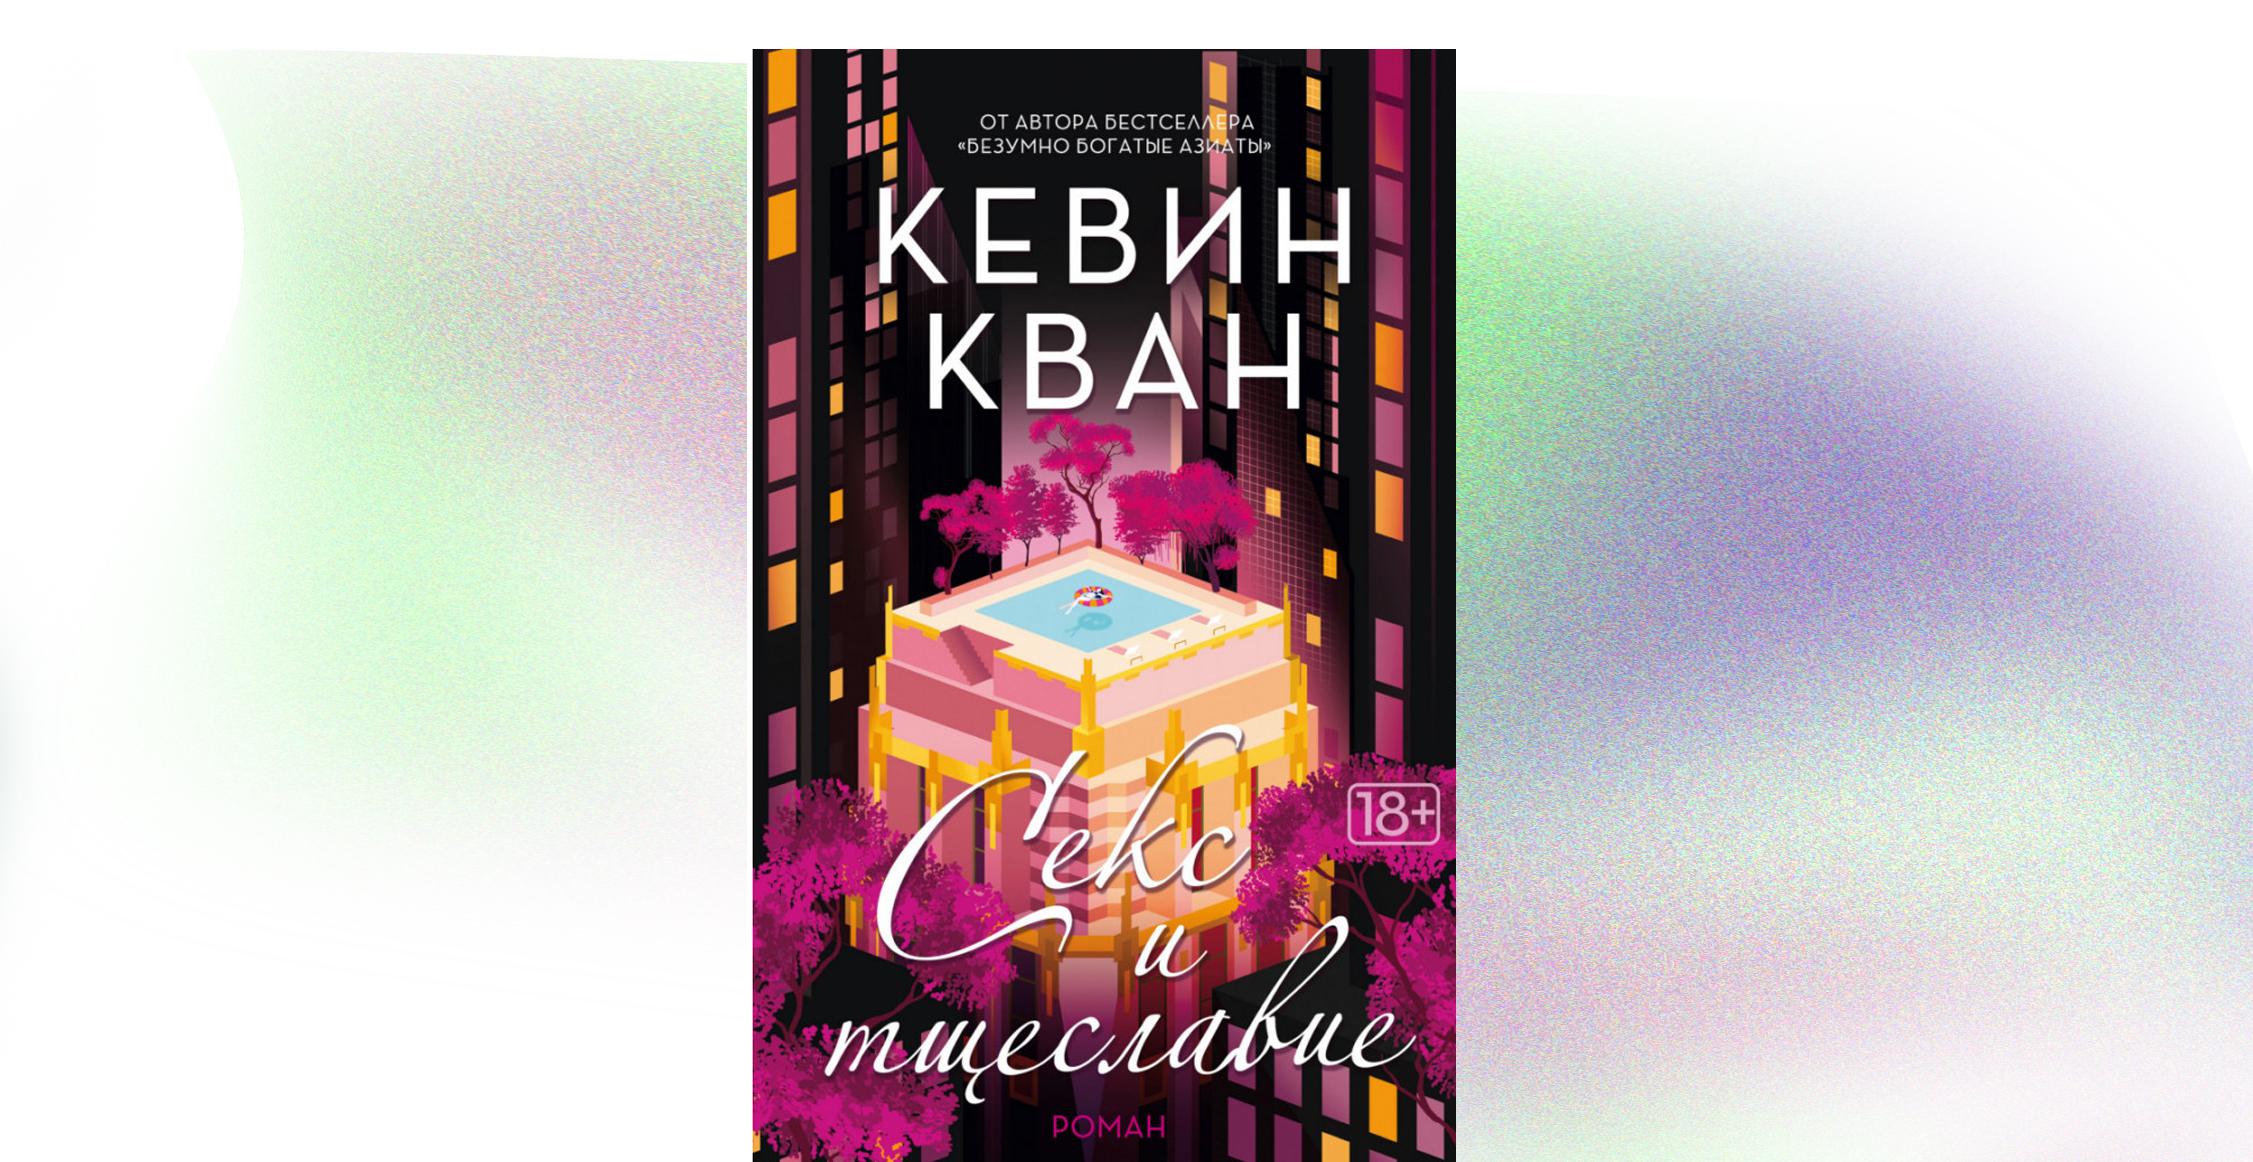 Книга, Секс и тщеславие, Кевин Кван, 978-5-389-18926-3